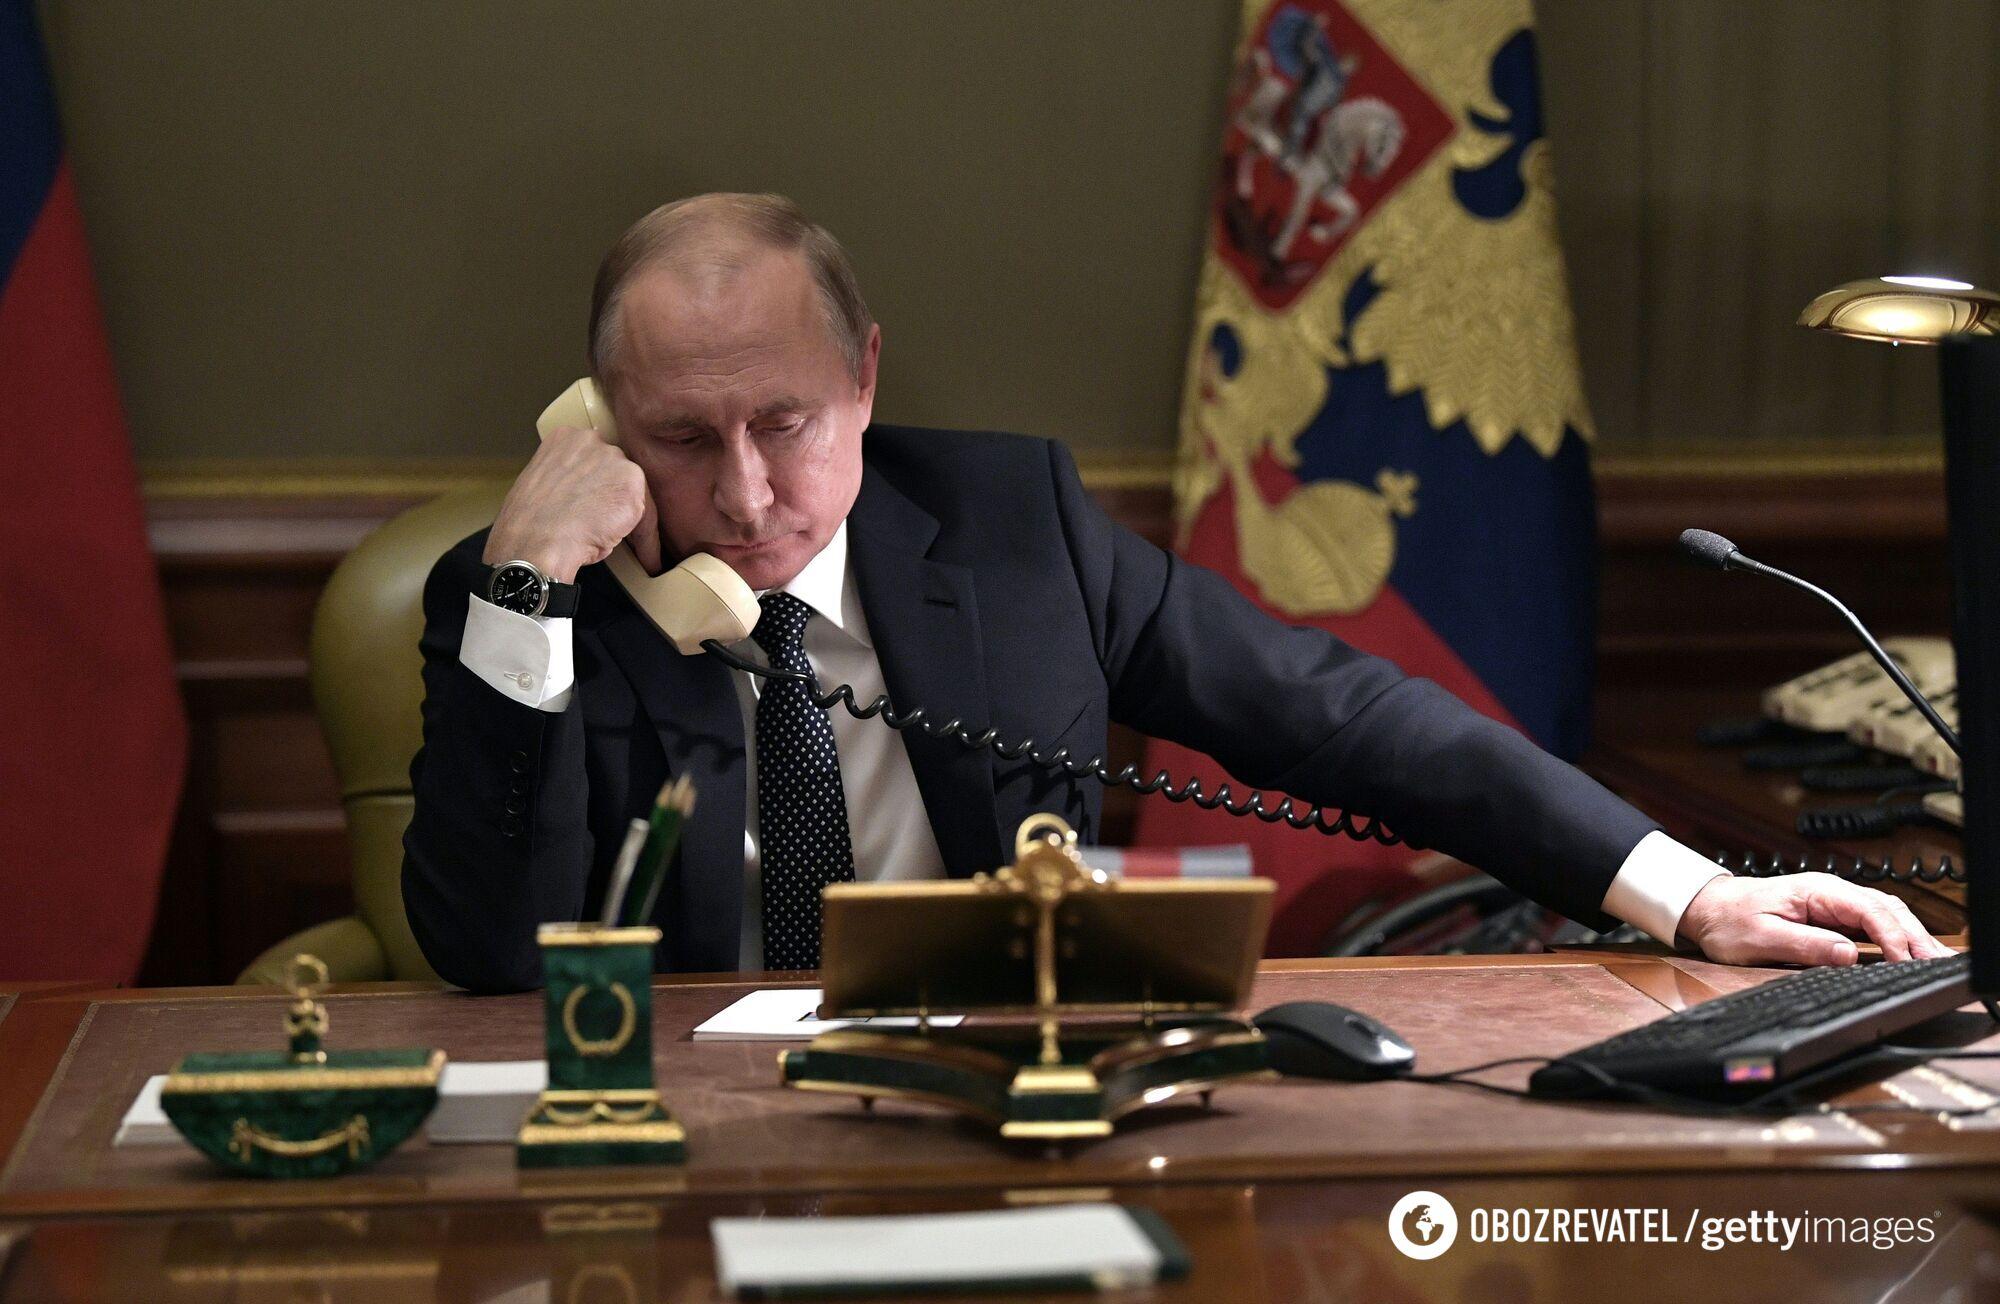 Кремль воспринял санкции против Медведчука как удар Запада.